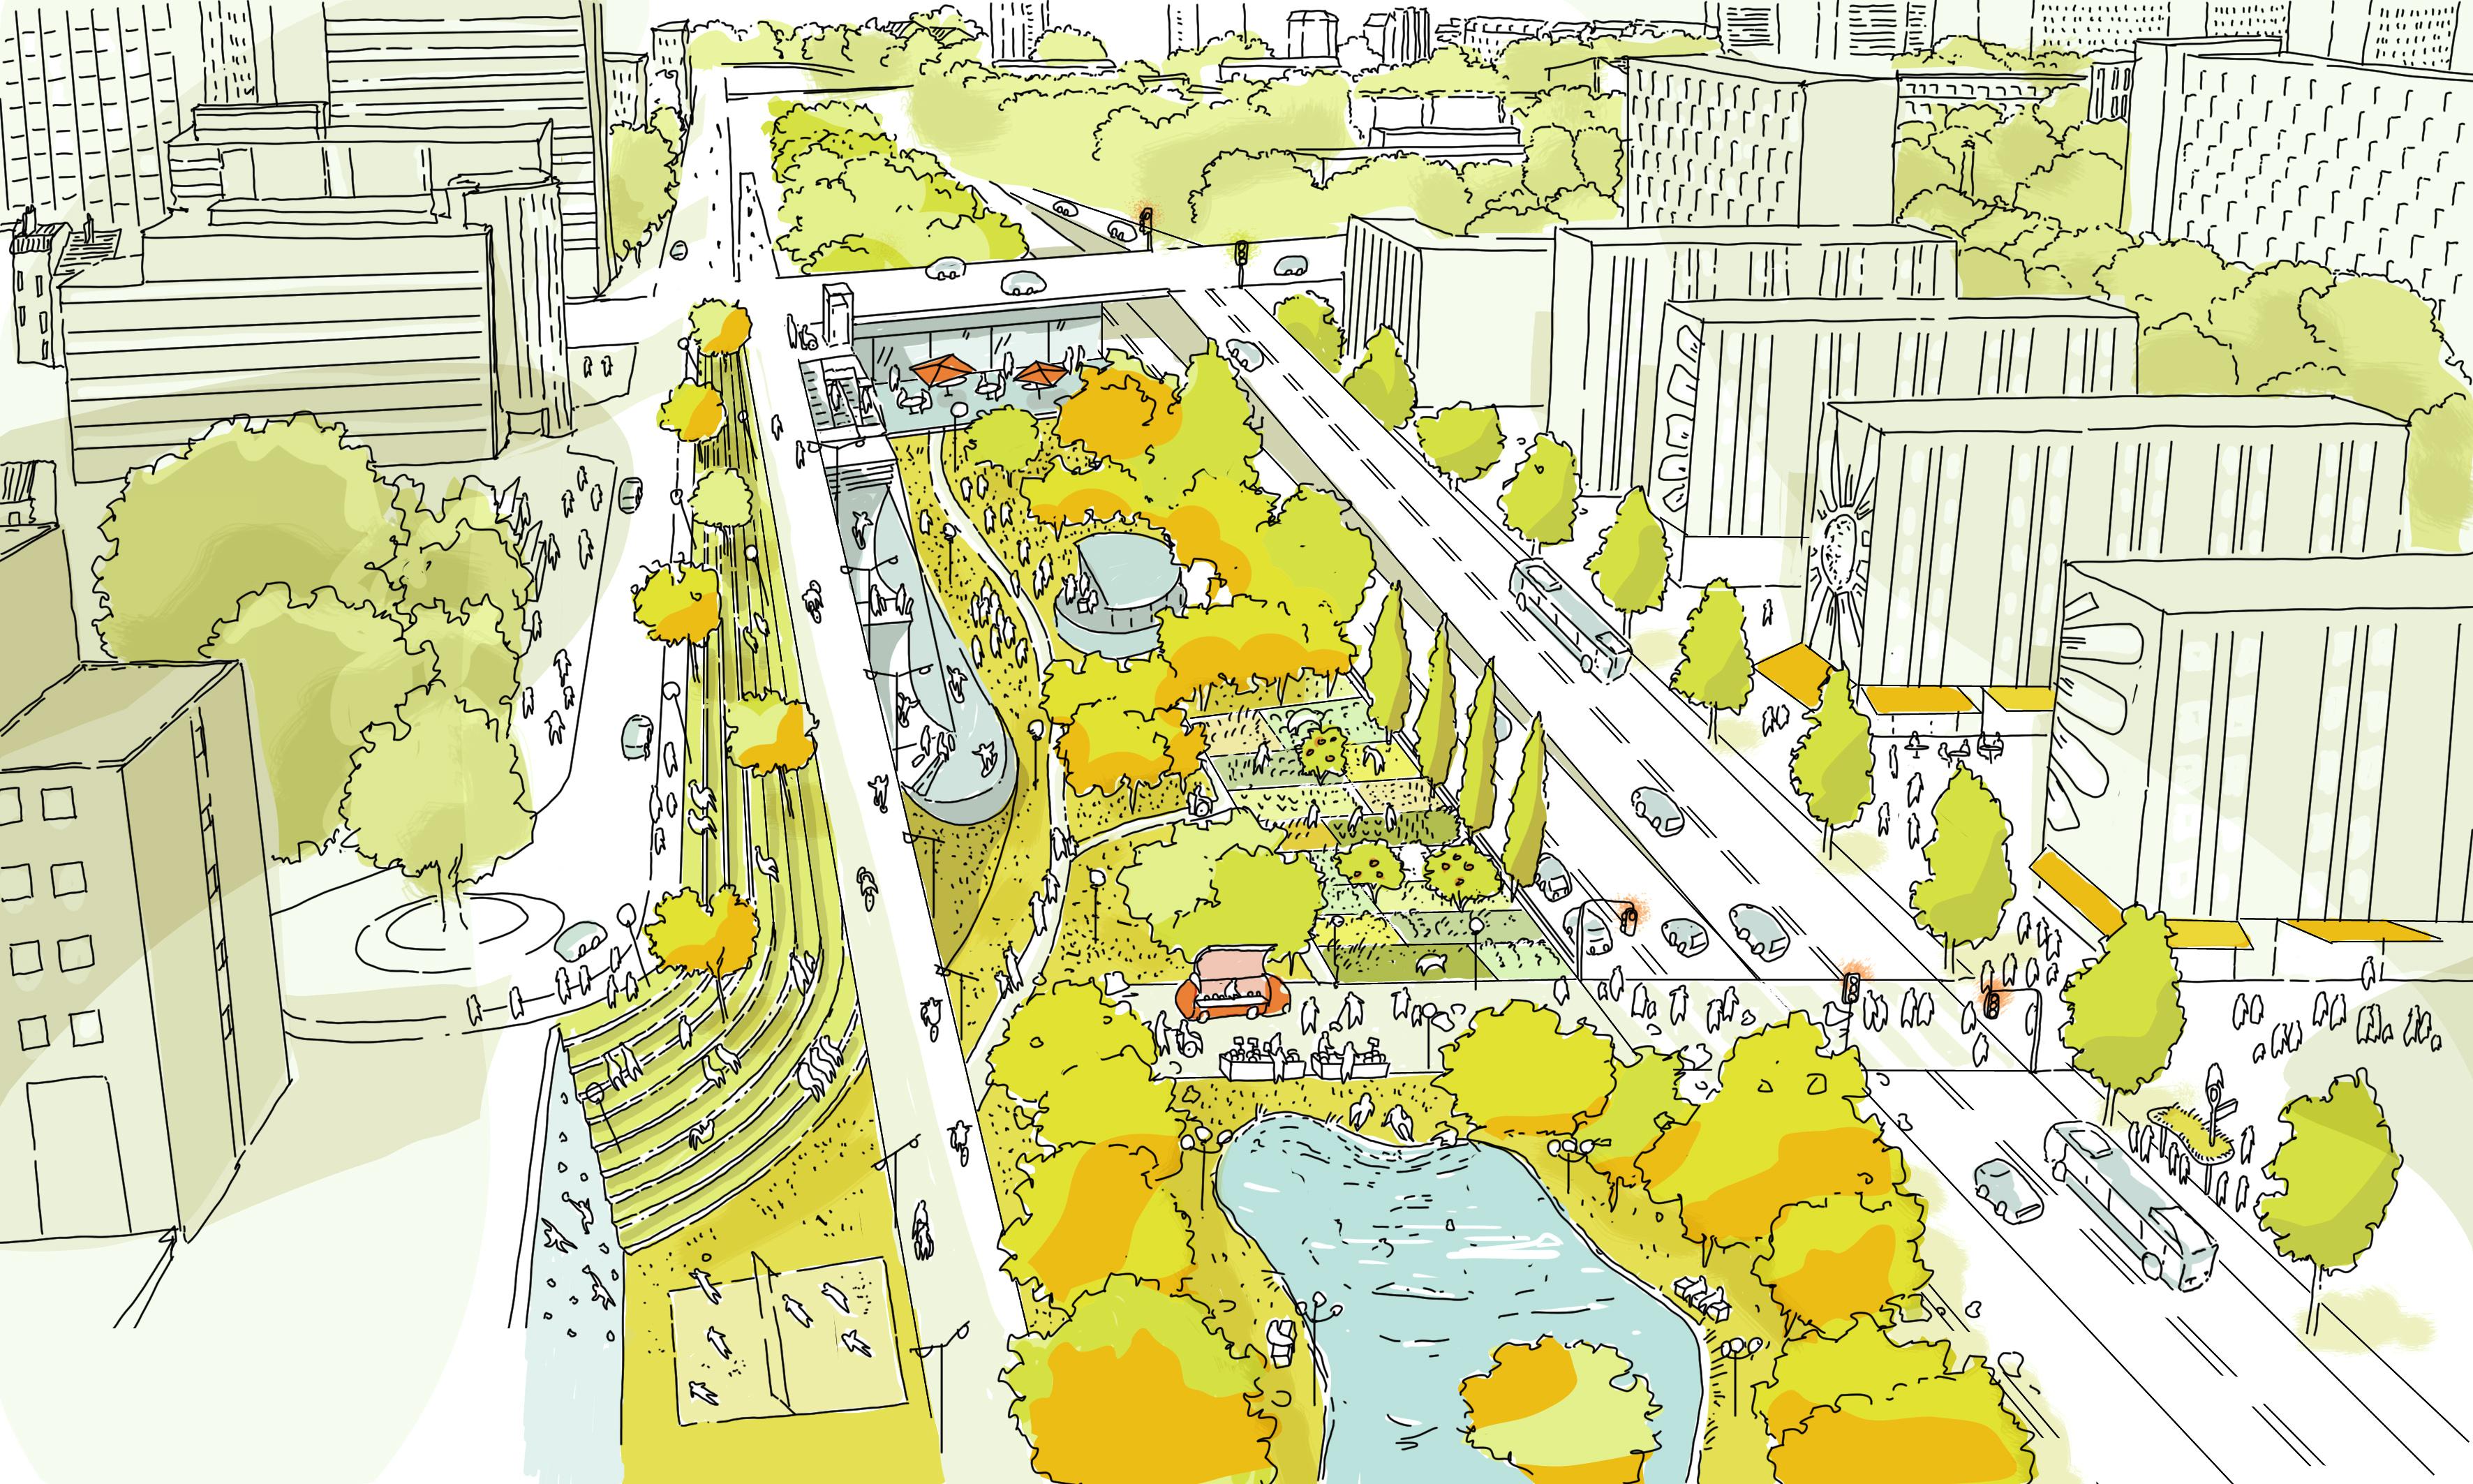 2030 r investissons le p riph rique groupe colo de paris - Les portes du peripherique paris ...